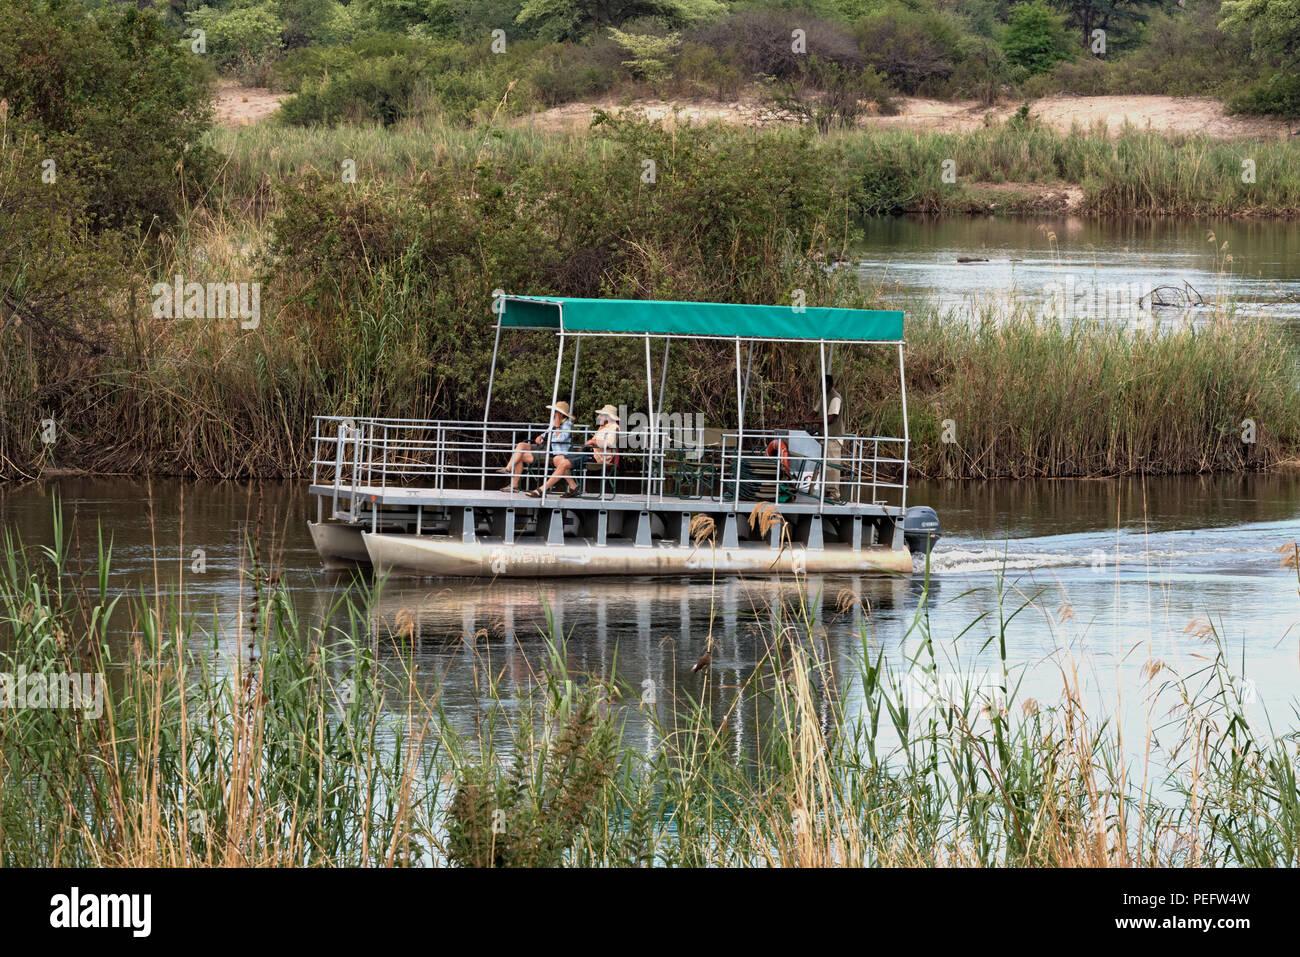 La barca turistica sul fiume Okavango in Namibia. Immagini Stock